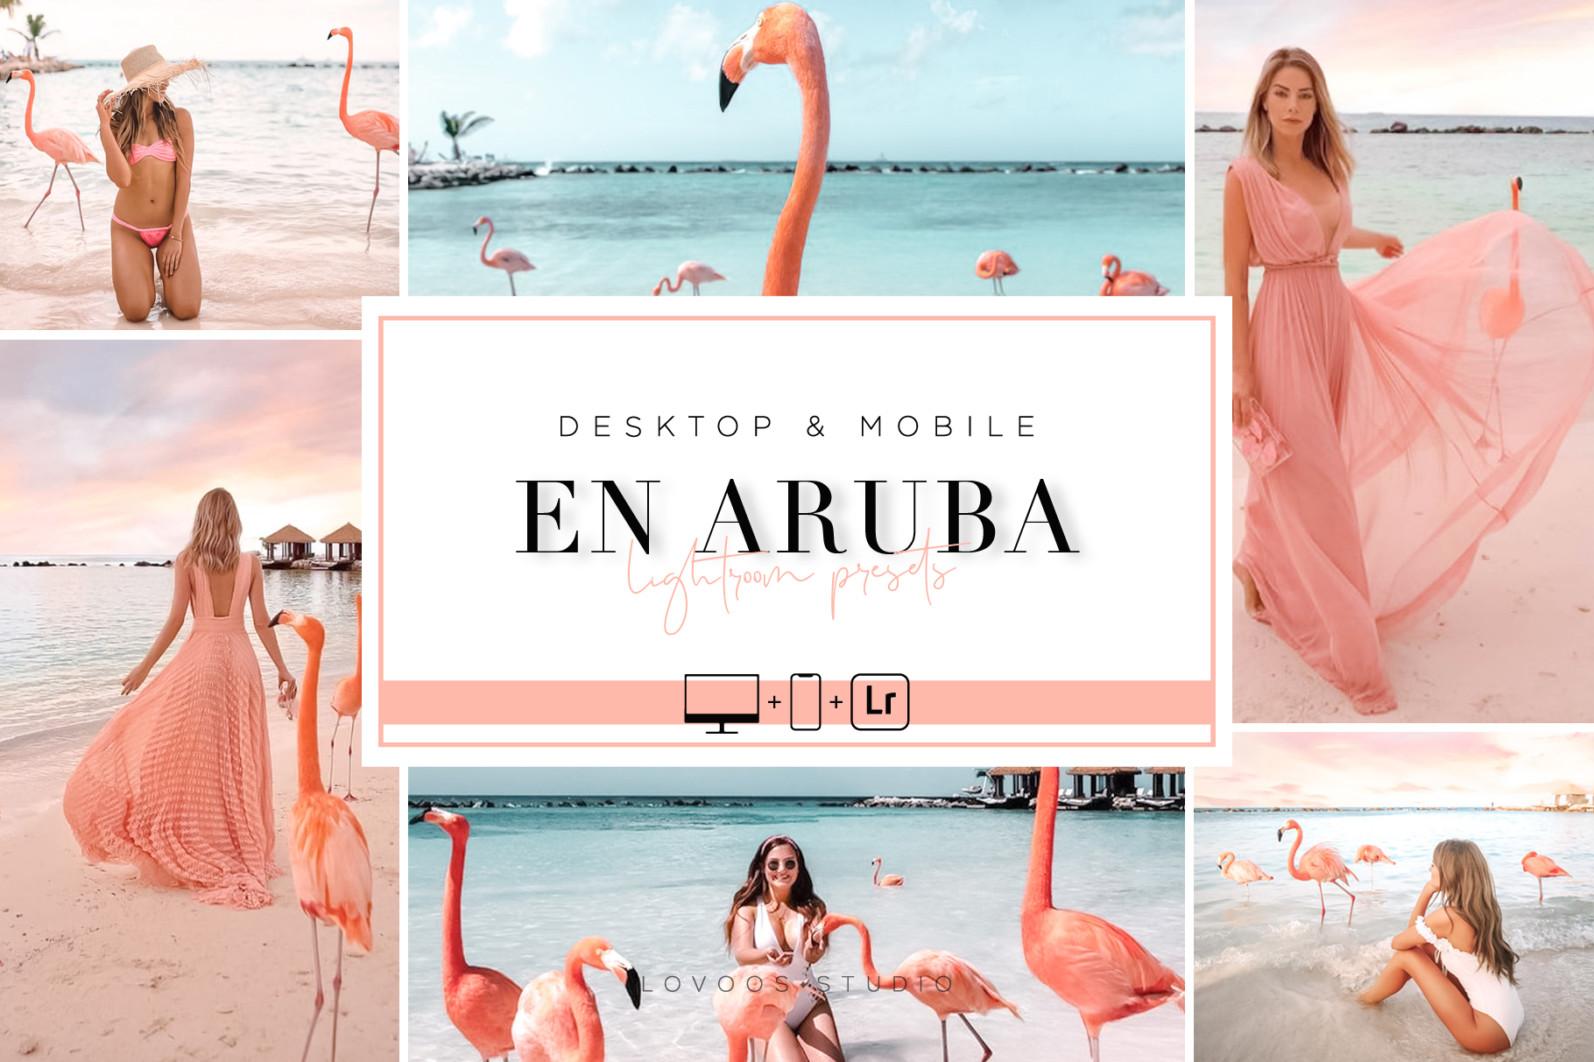 EN ARUBA - Lightroom Presets - UP COV 02 -